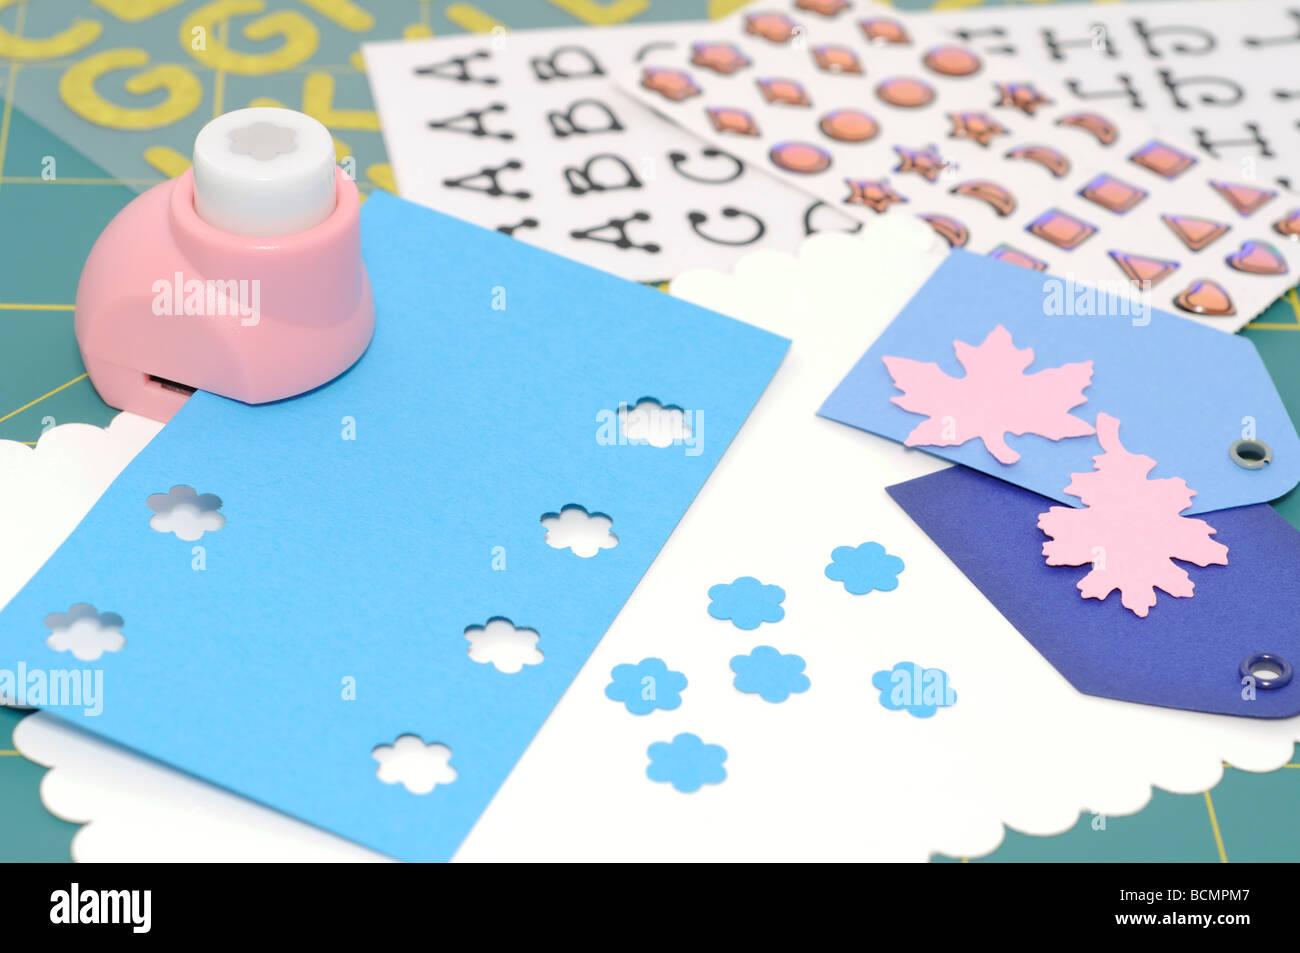 Projet rendre album fleurs et feuilles perforées Photo Stock